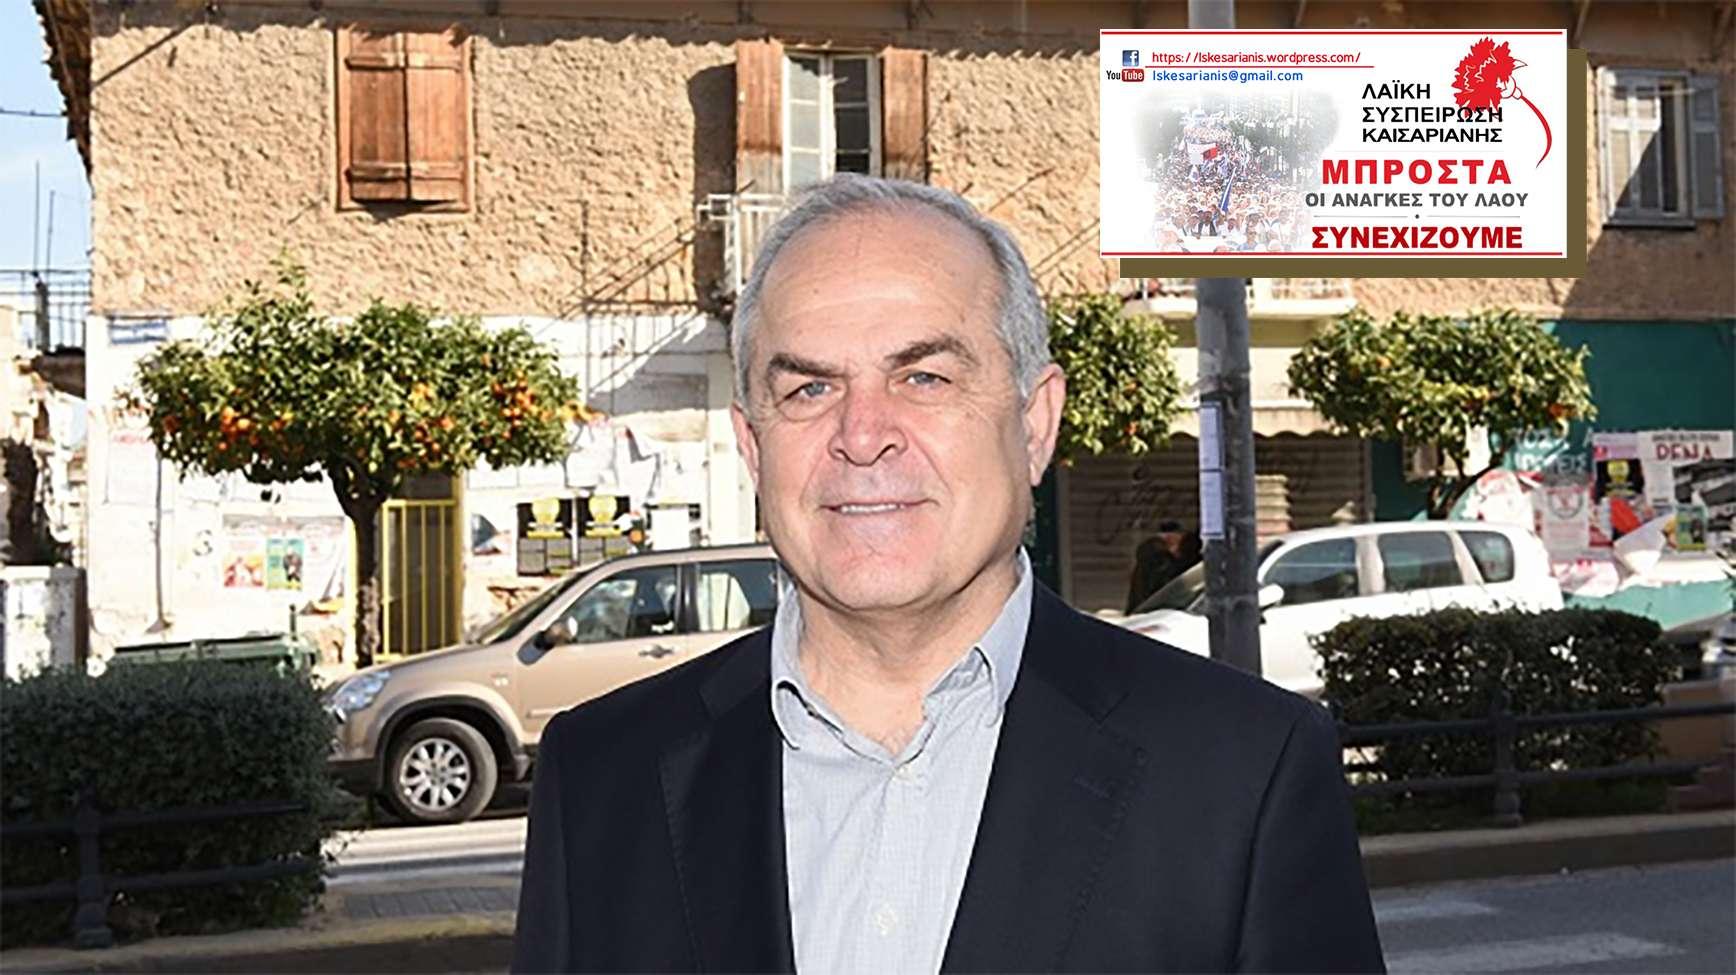 Ηλίας Σταμέλος δήμαρχος Καισαριανής Ζω2 Βοσκόπουλος πορεύεται με την «προίκα» της δικής μας διοίκησης